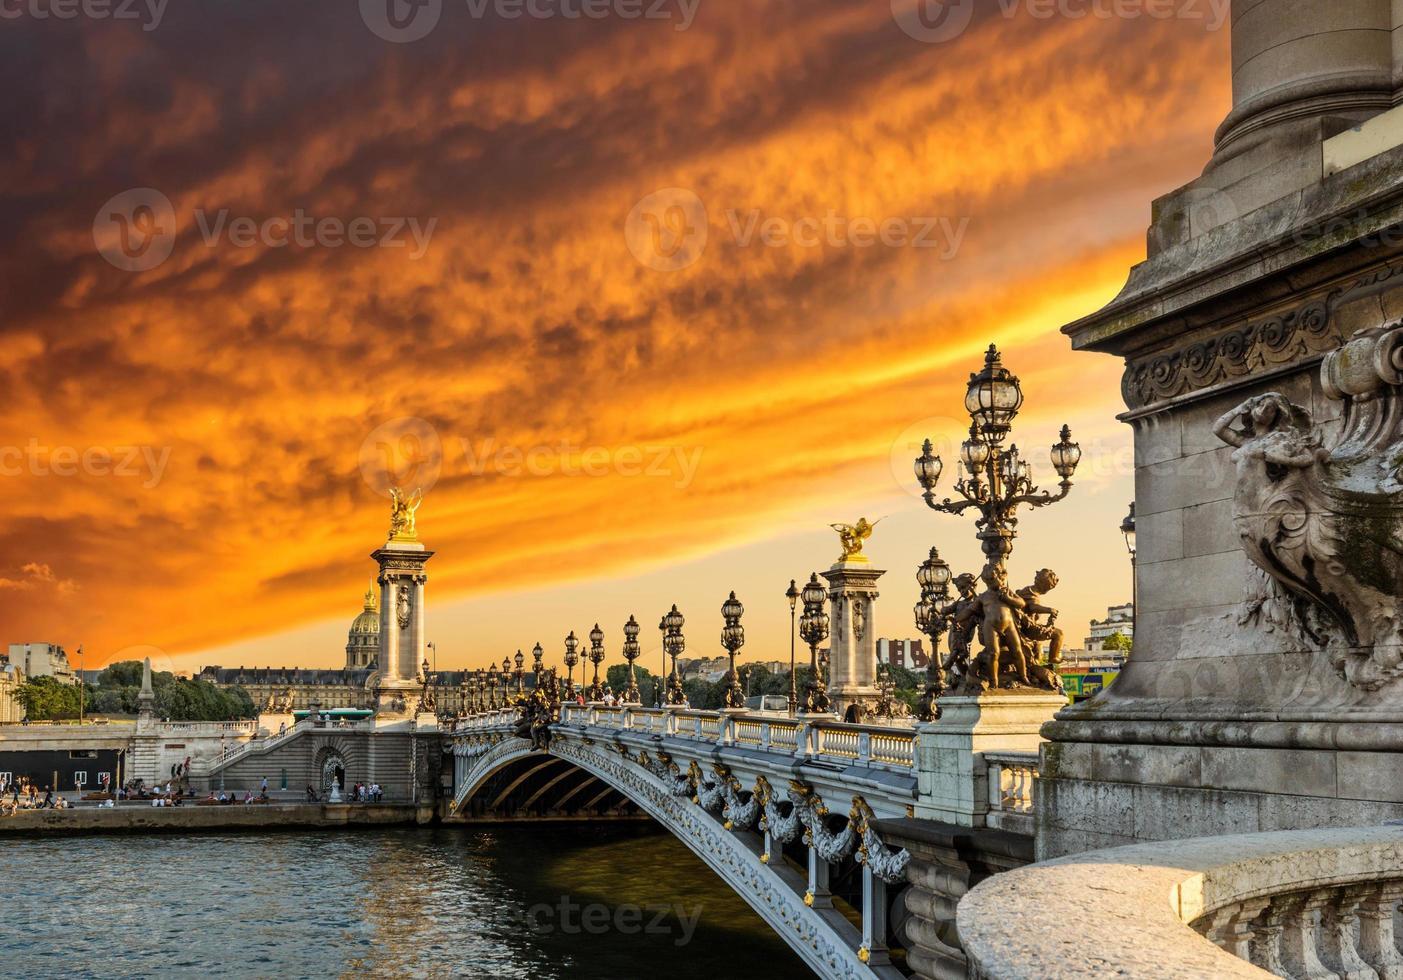 fantastische zonsondergang over alexandre iii brug (pont alexandre iii) foto